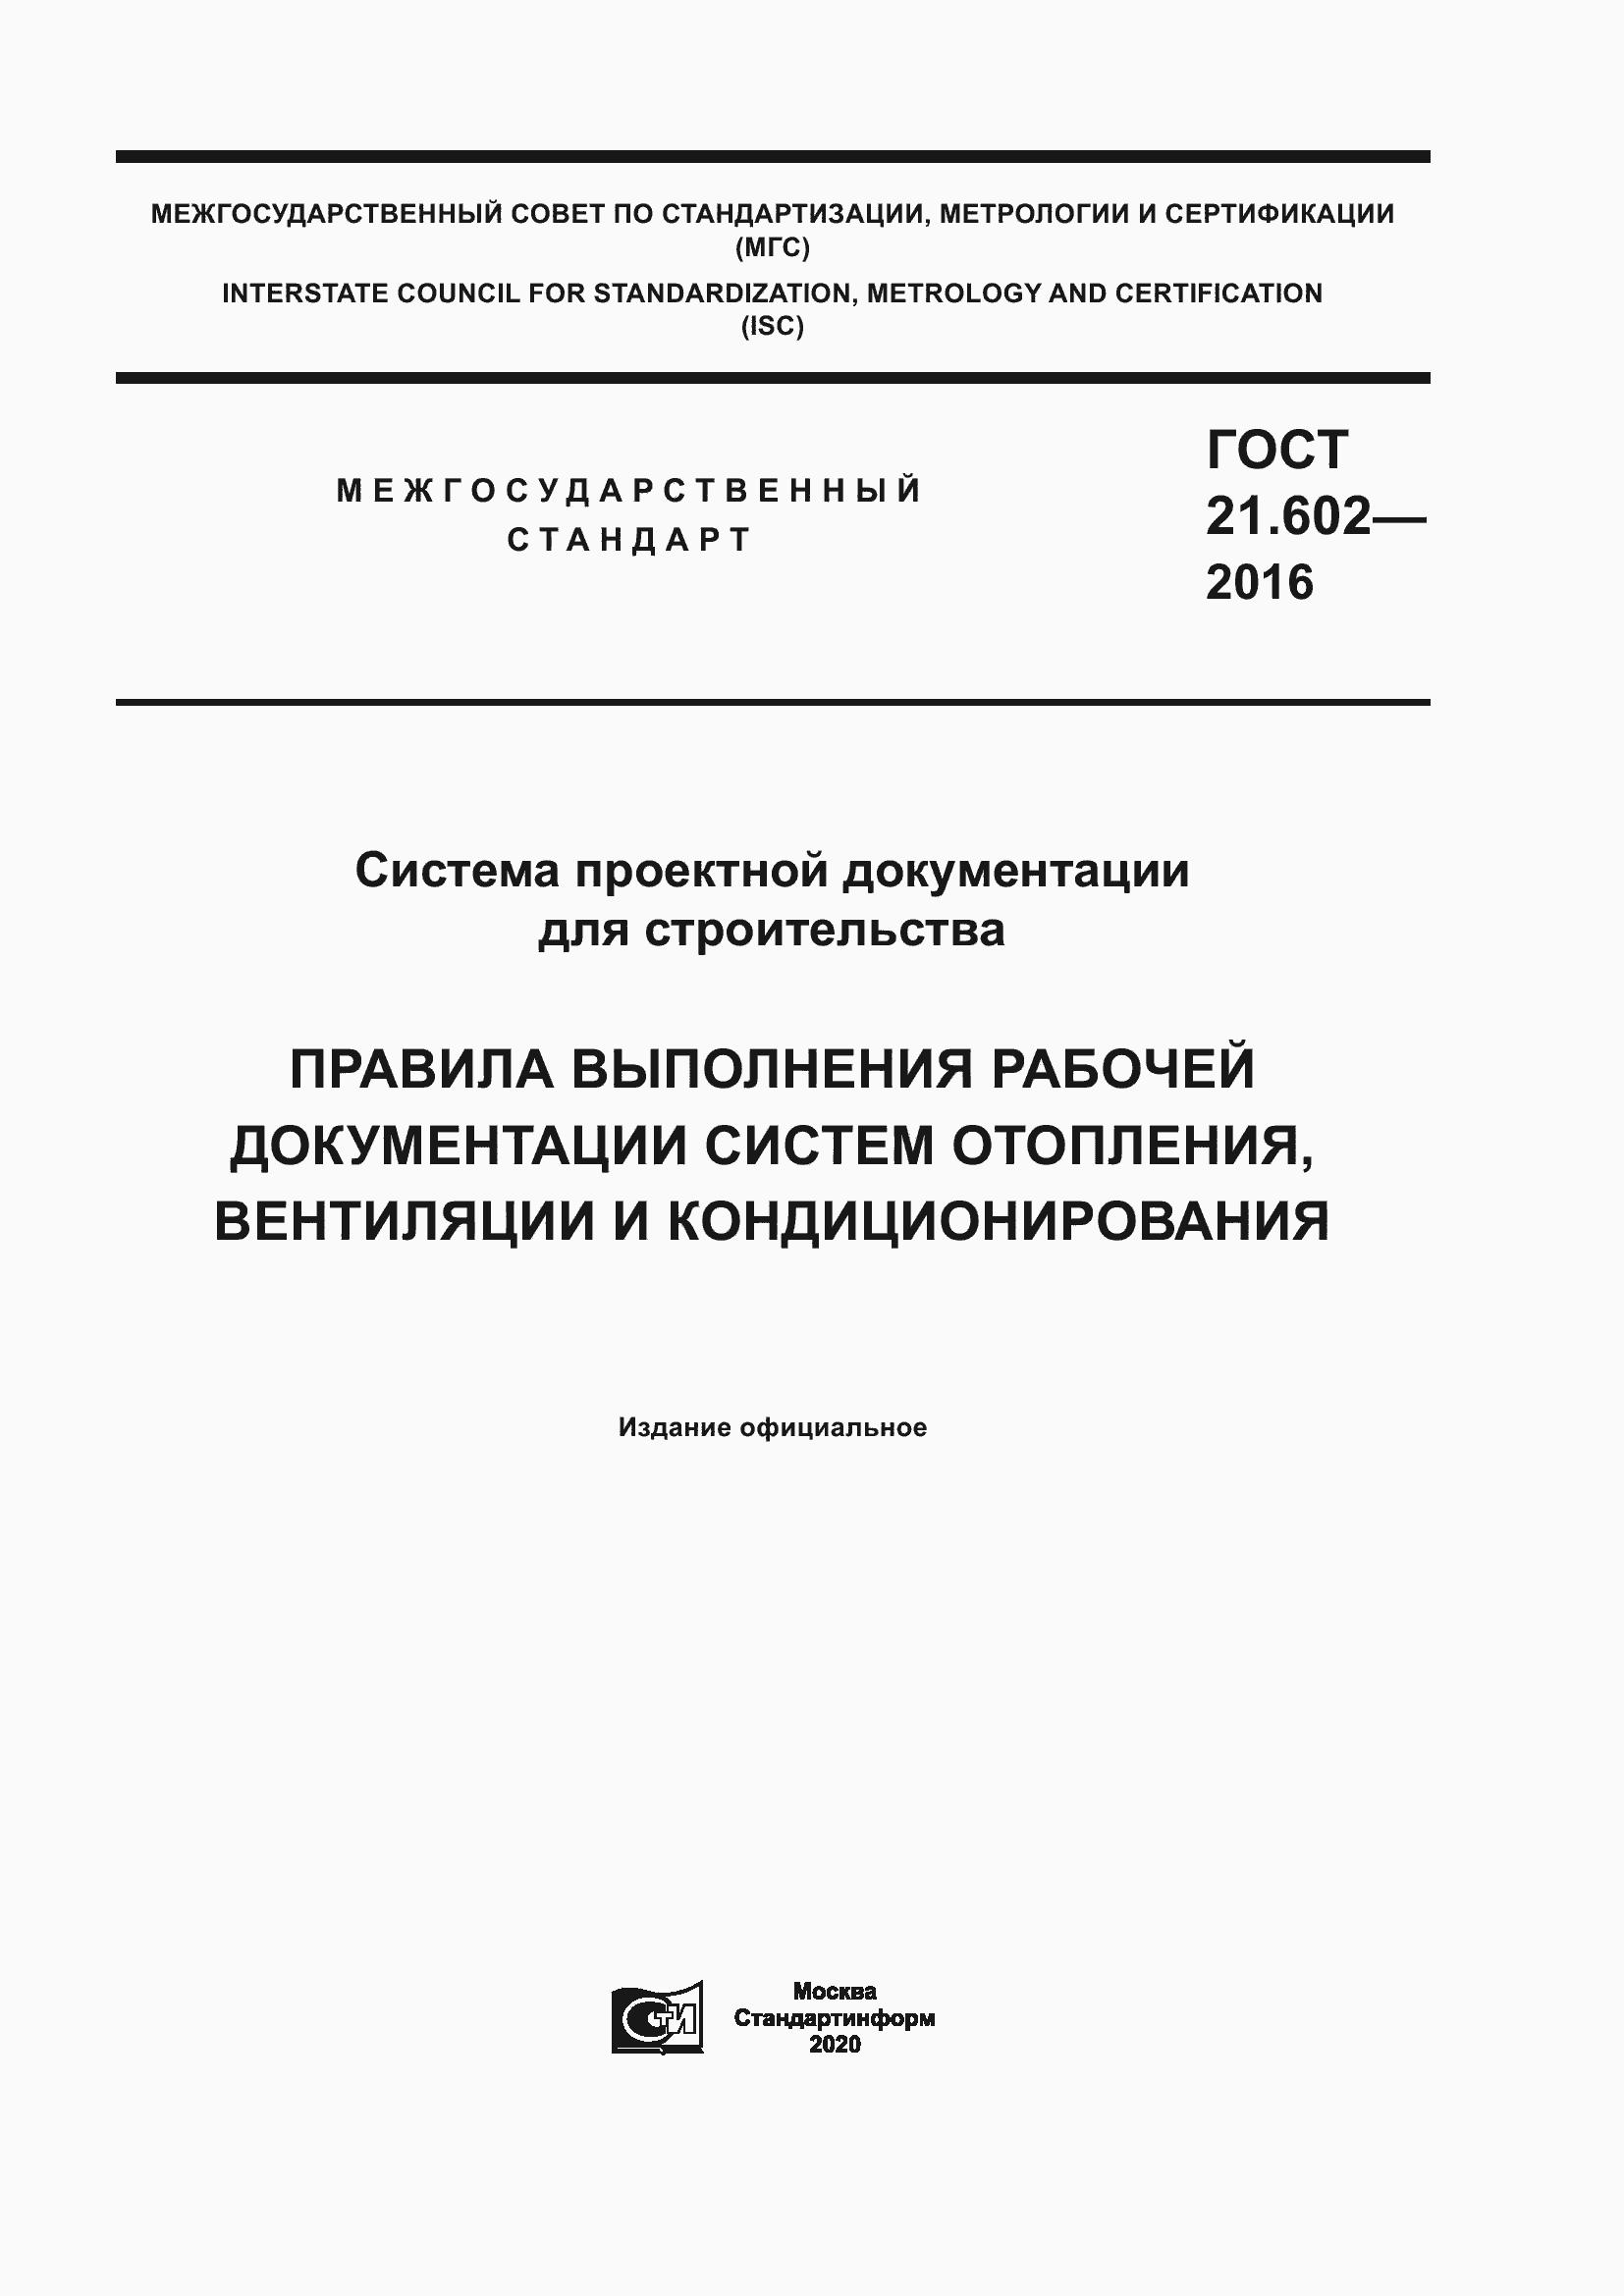 ГОСТ 21.602-2016. Страница 1